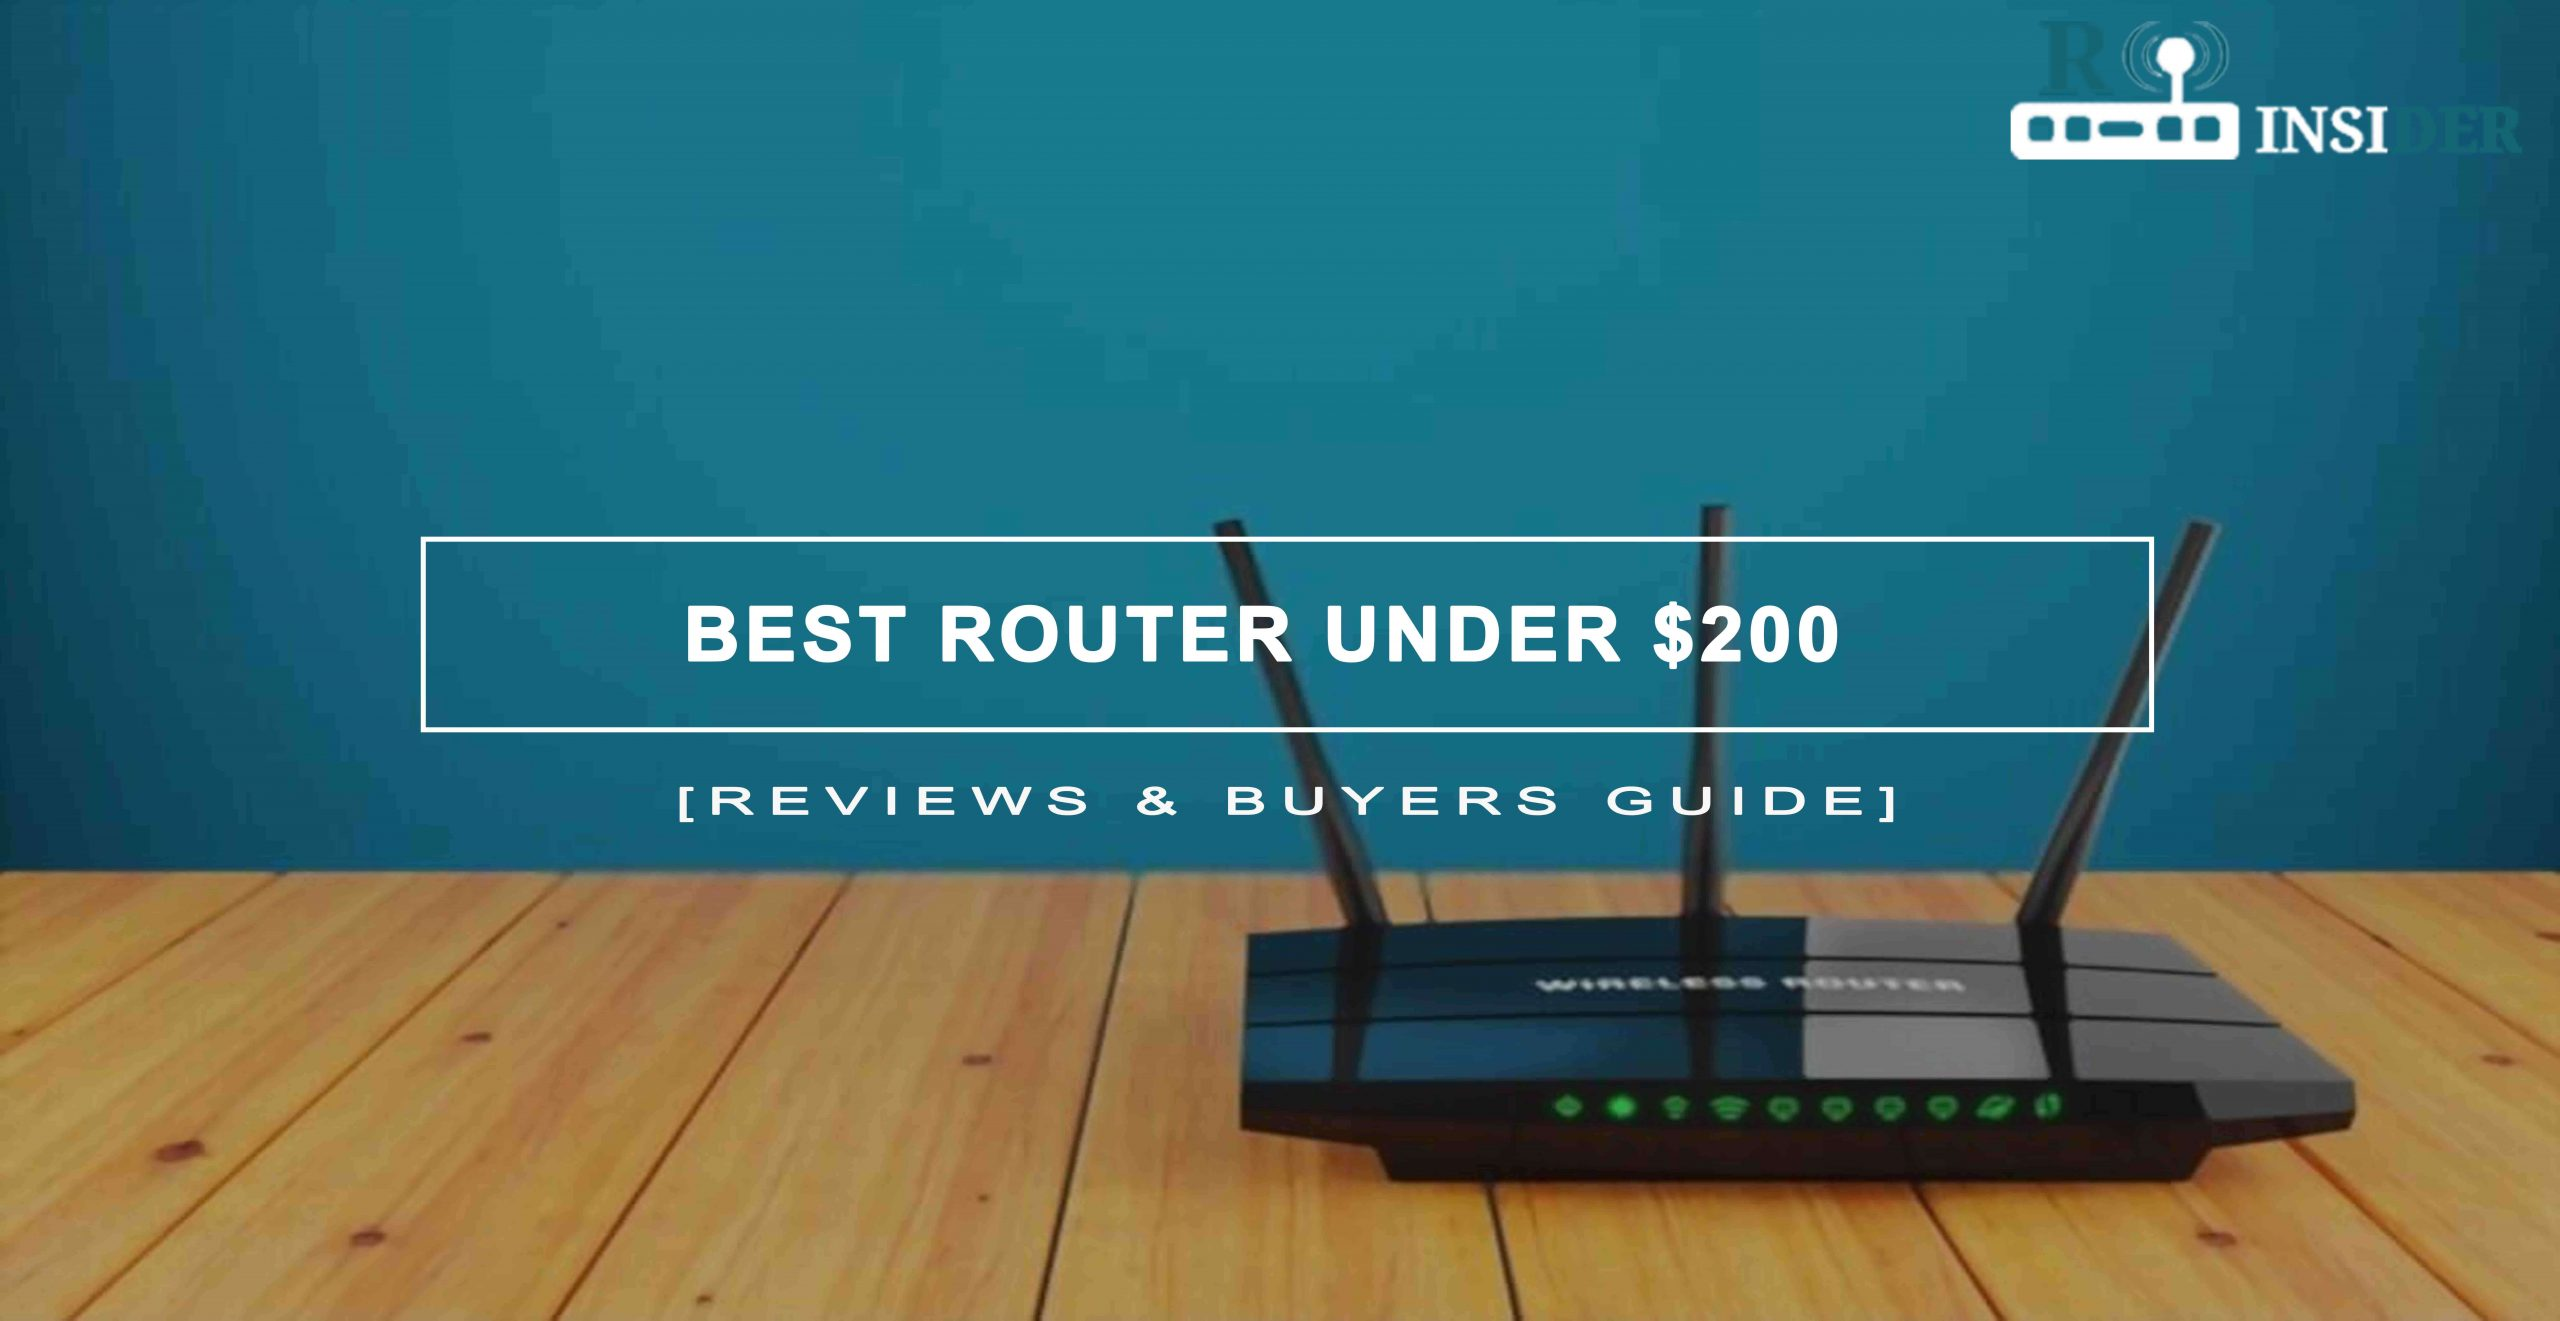 Best Router Under $200 Dollars